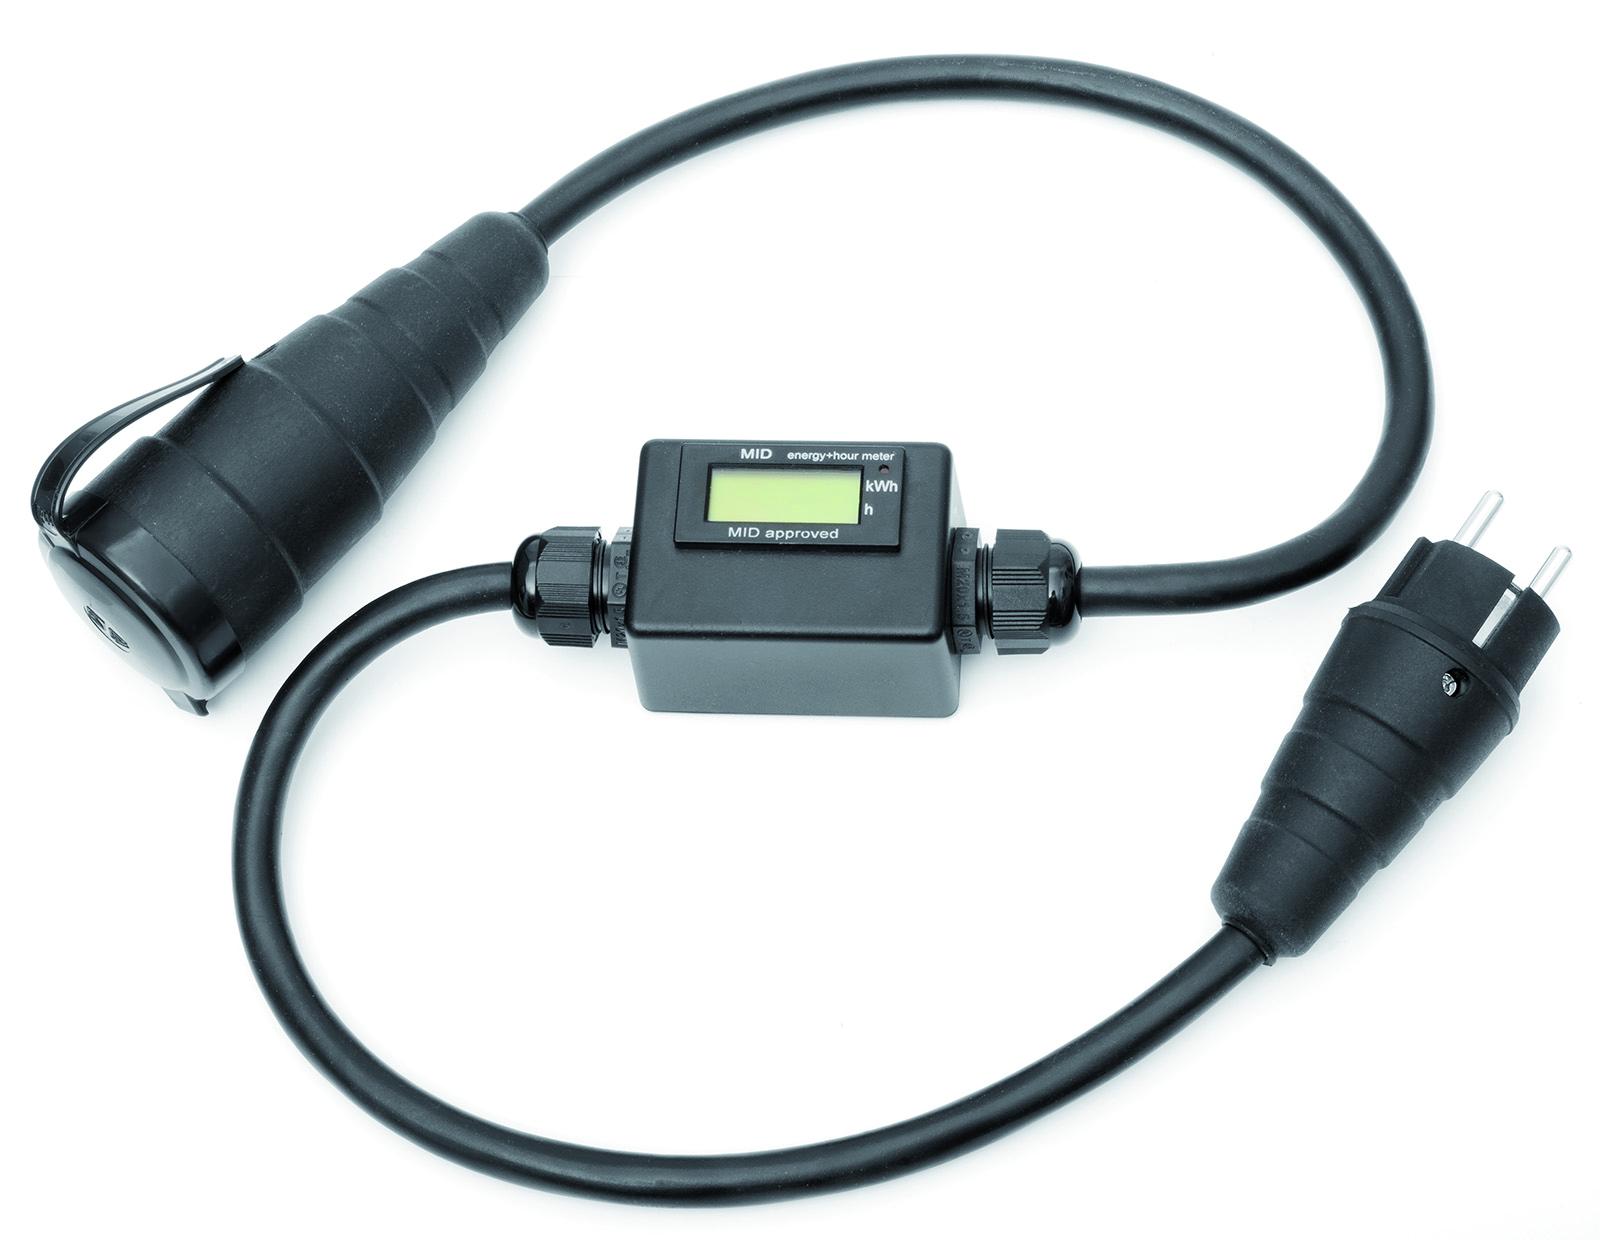 Mobiler Stromzähler Mini ABS-Gehäuse - Digitaler Energiezähler zu Abrechnungszwecken geeignet - MID geeicht